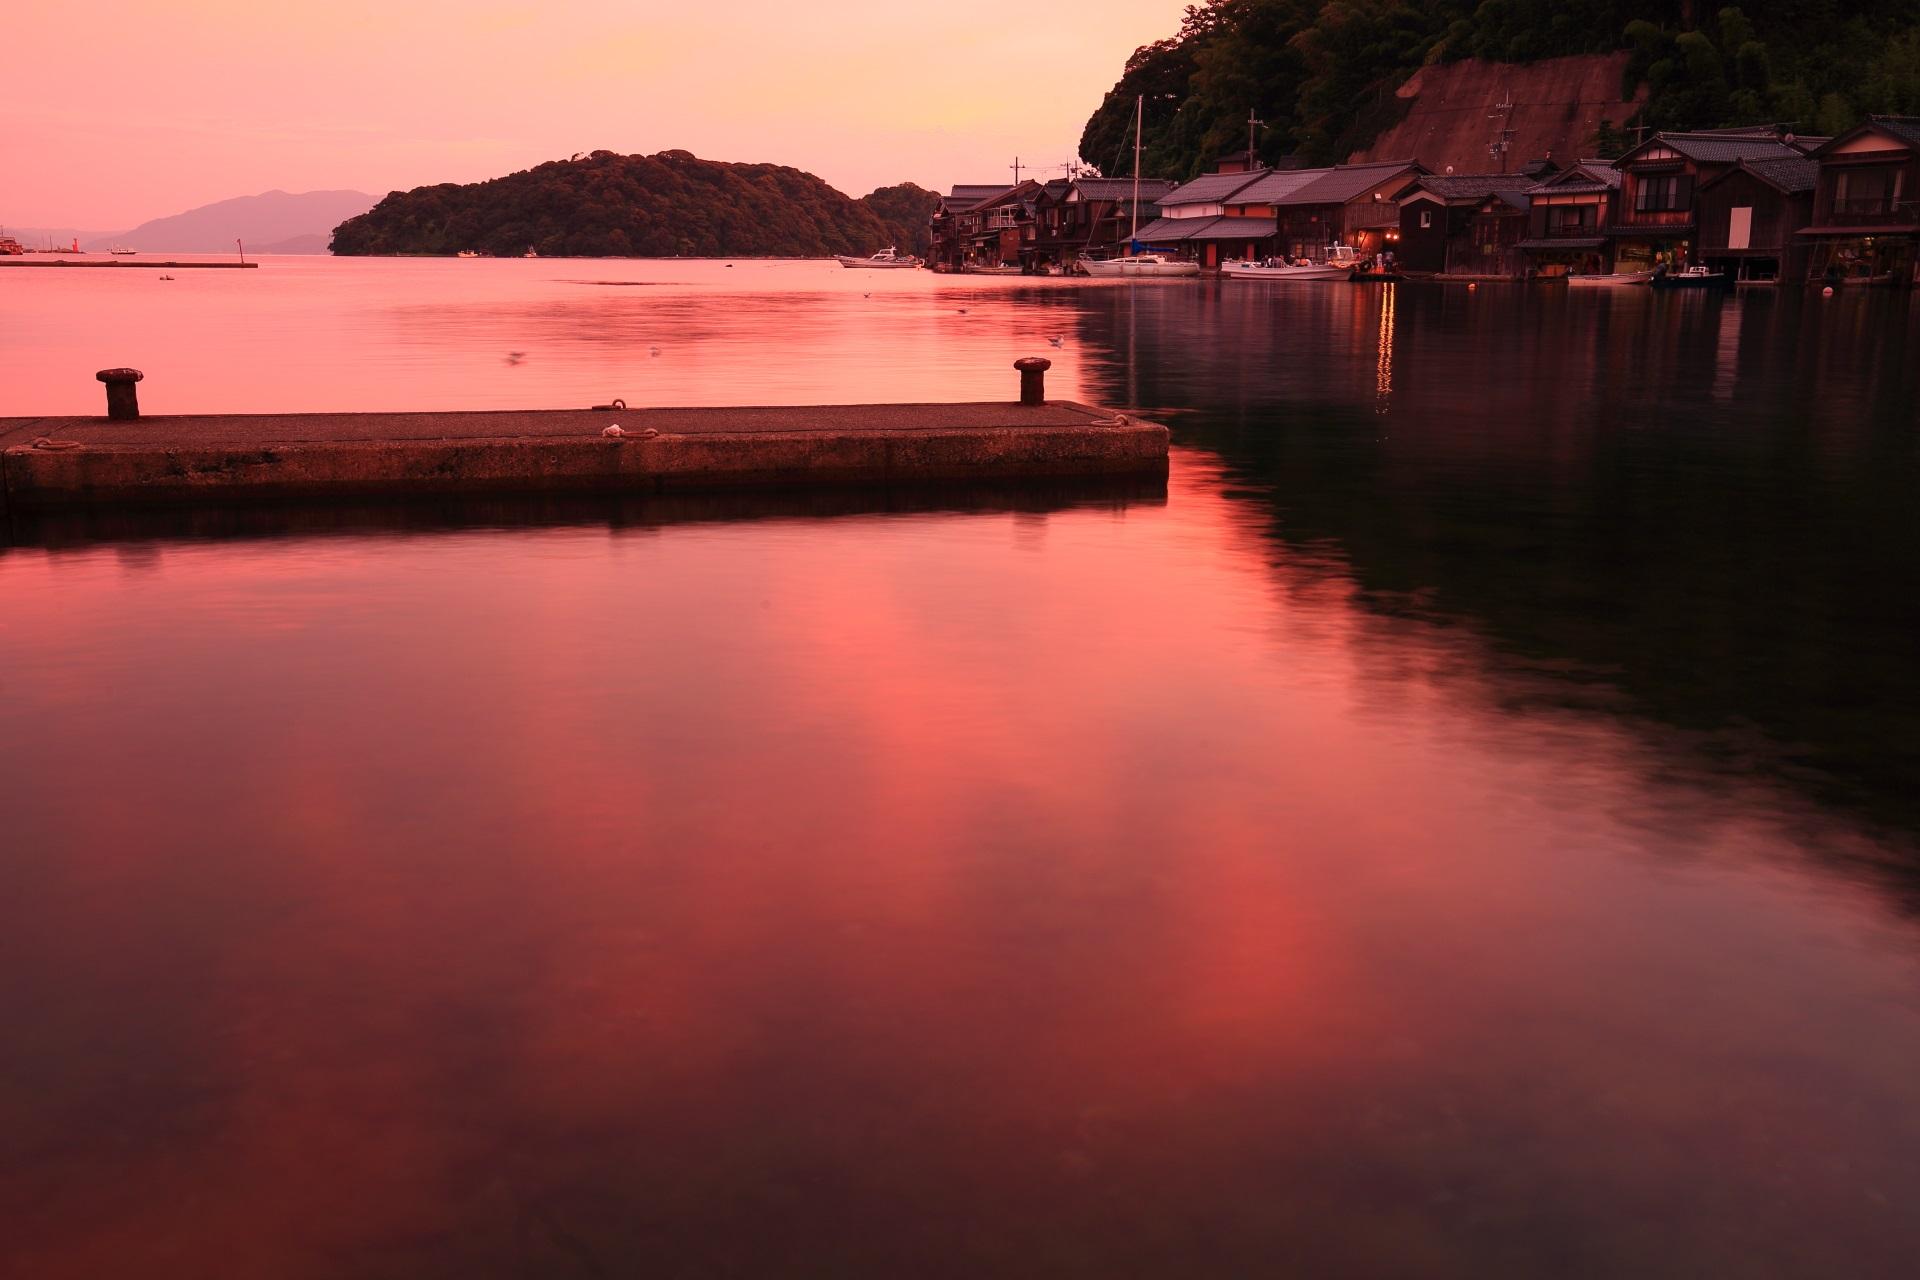 海面が赤く染まる伊根湾の夕焼けの水鏡